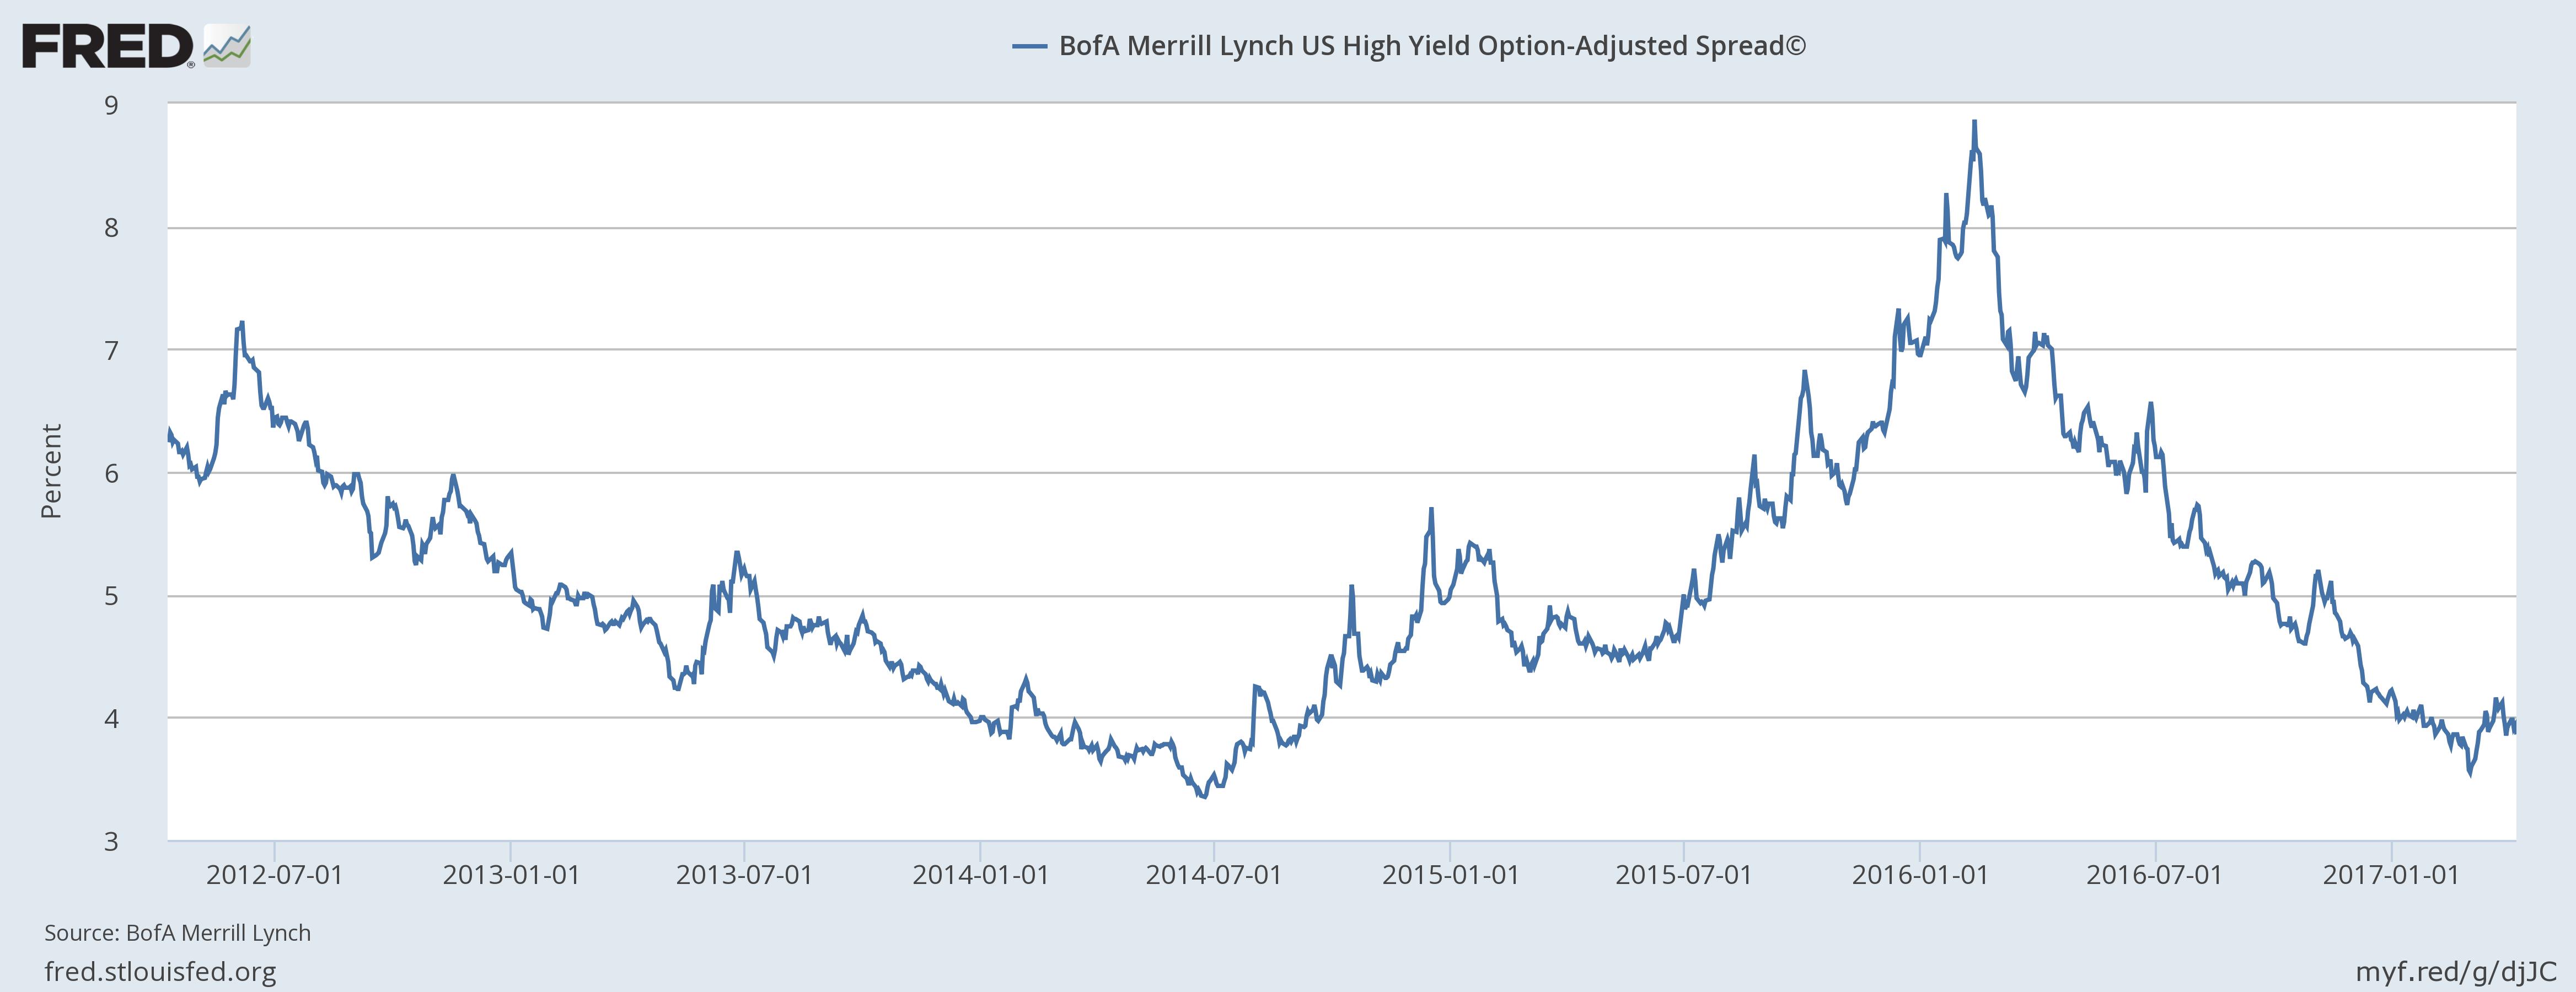 BofA Merrill Lynch Fund, July 2012 - January 2017